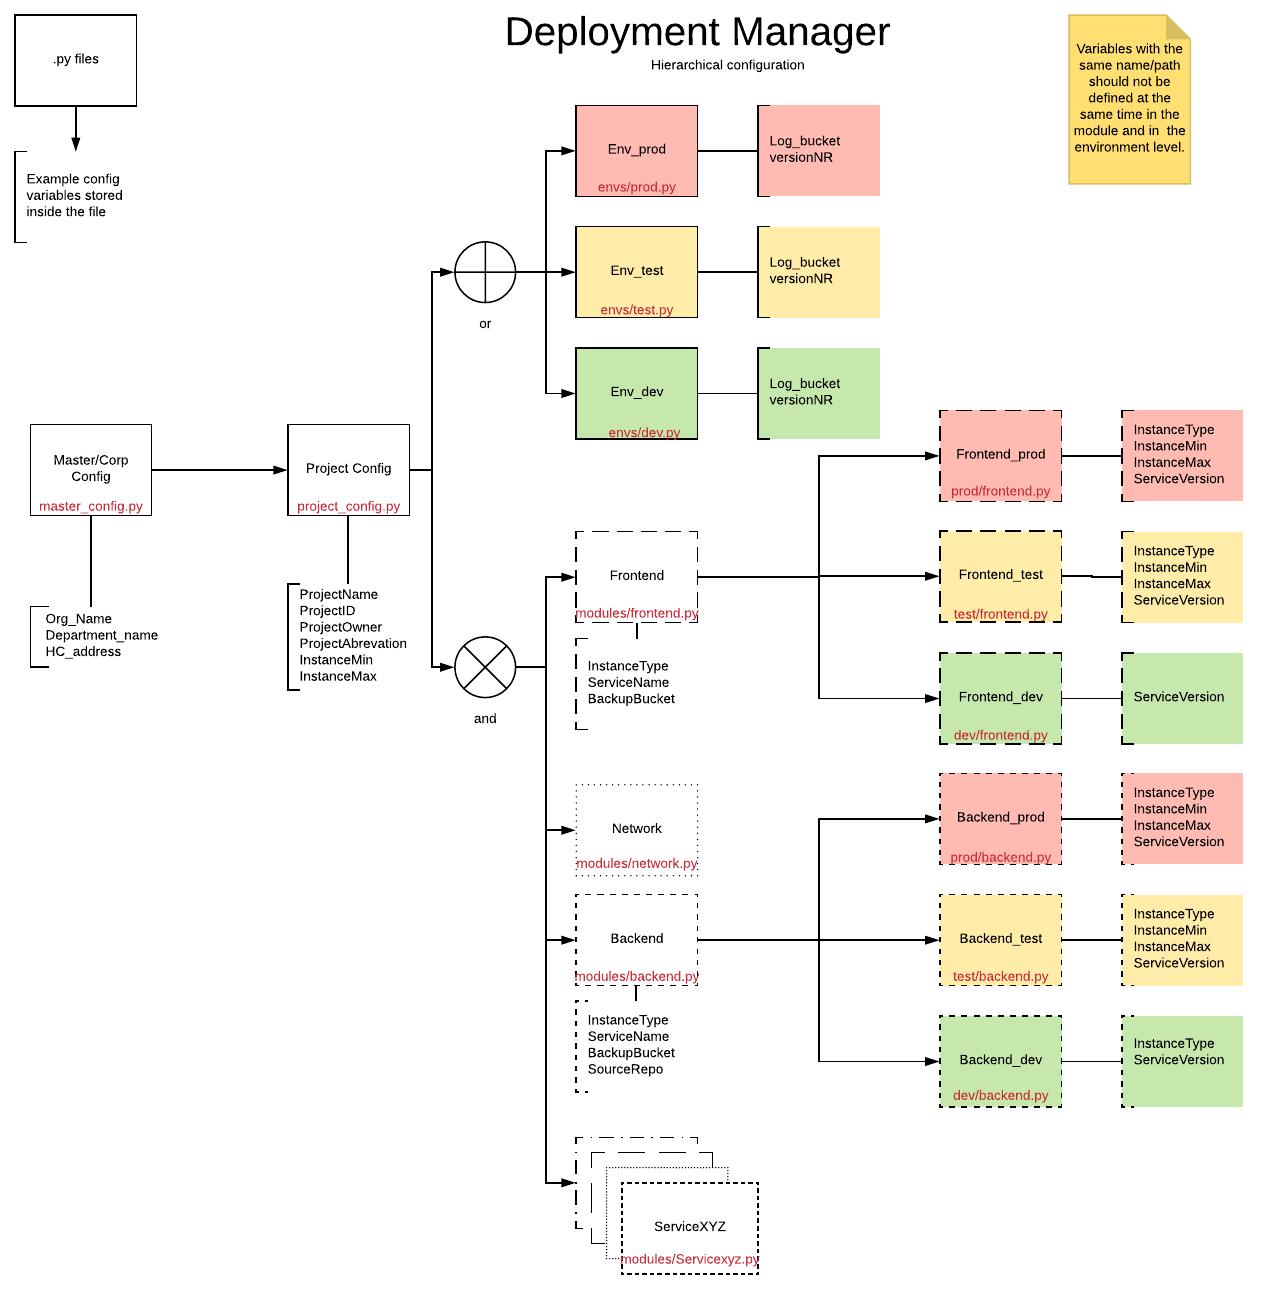 Konfigurationshierarchie mit verschiedenen Ebenen und Legende ihrer Beziehungen.